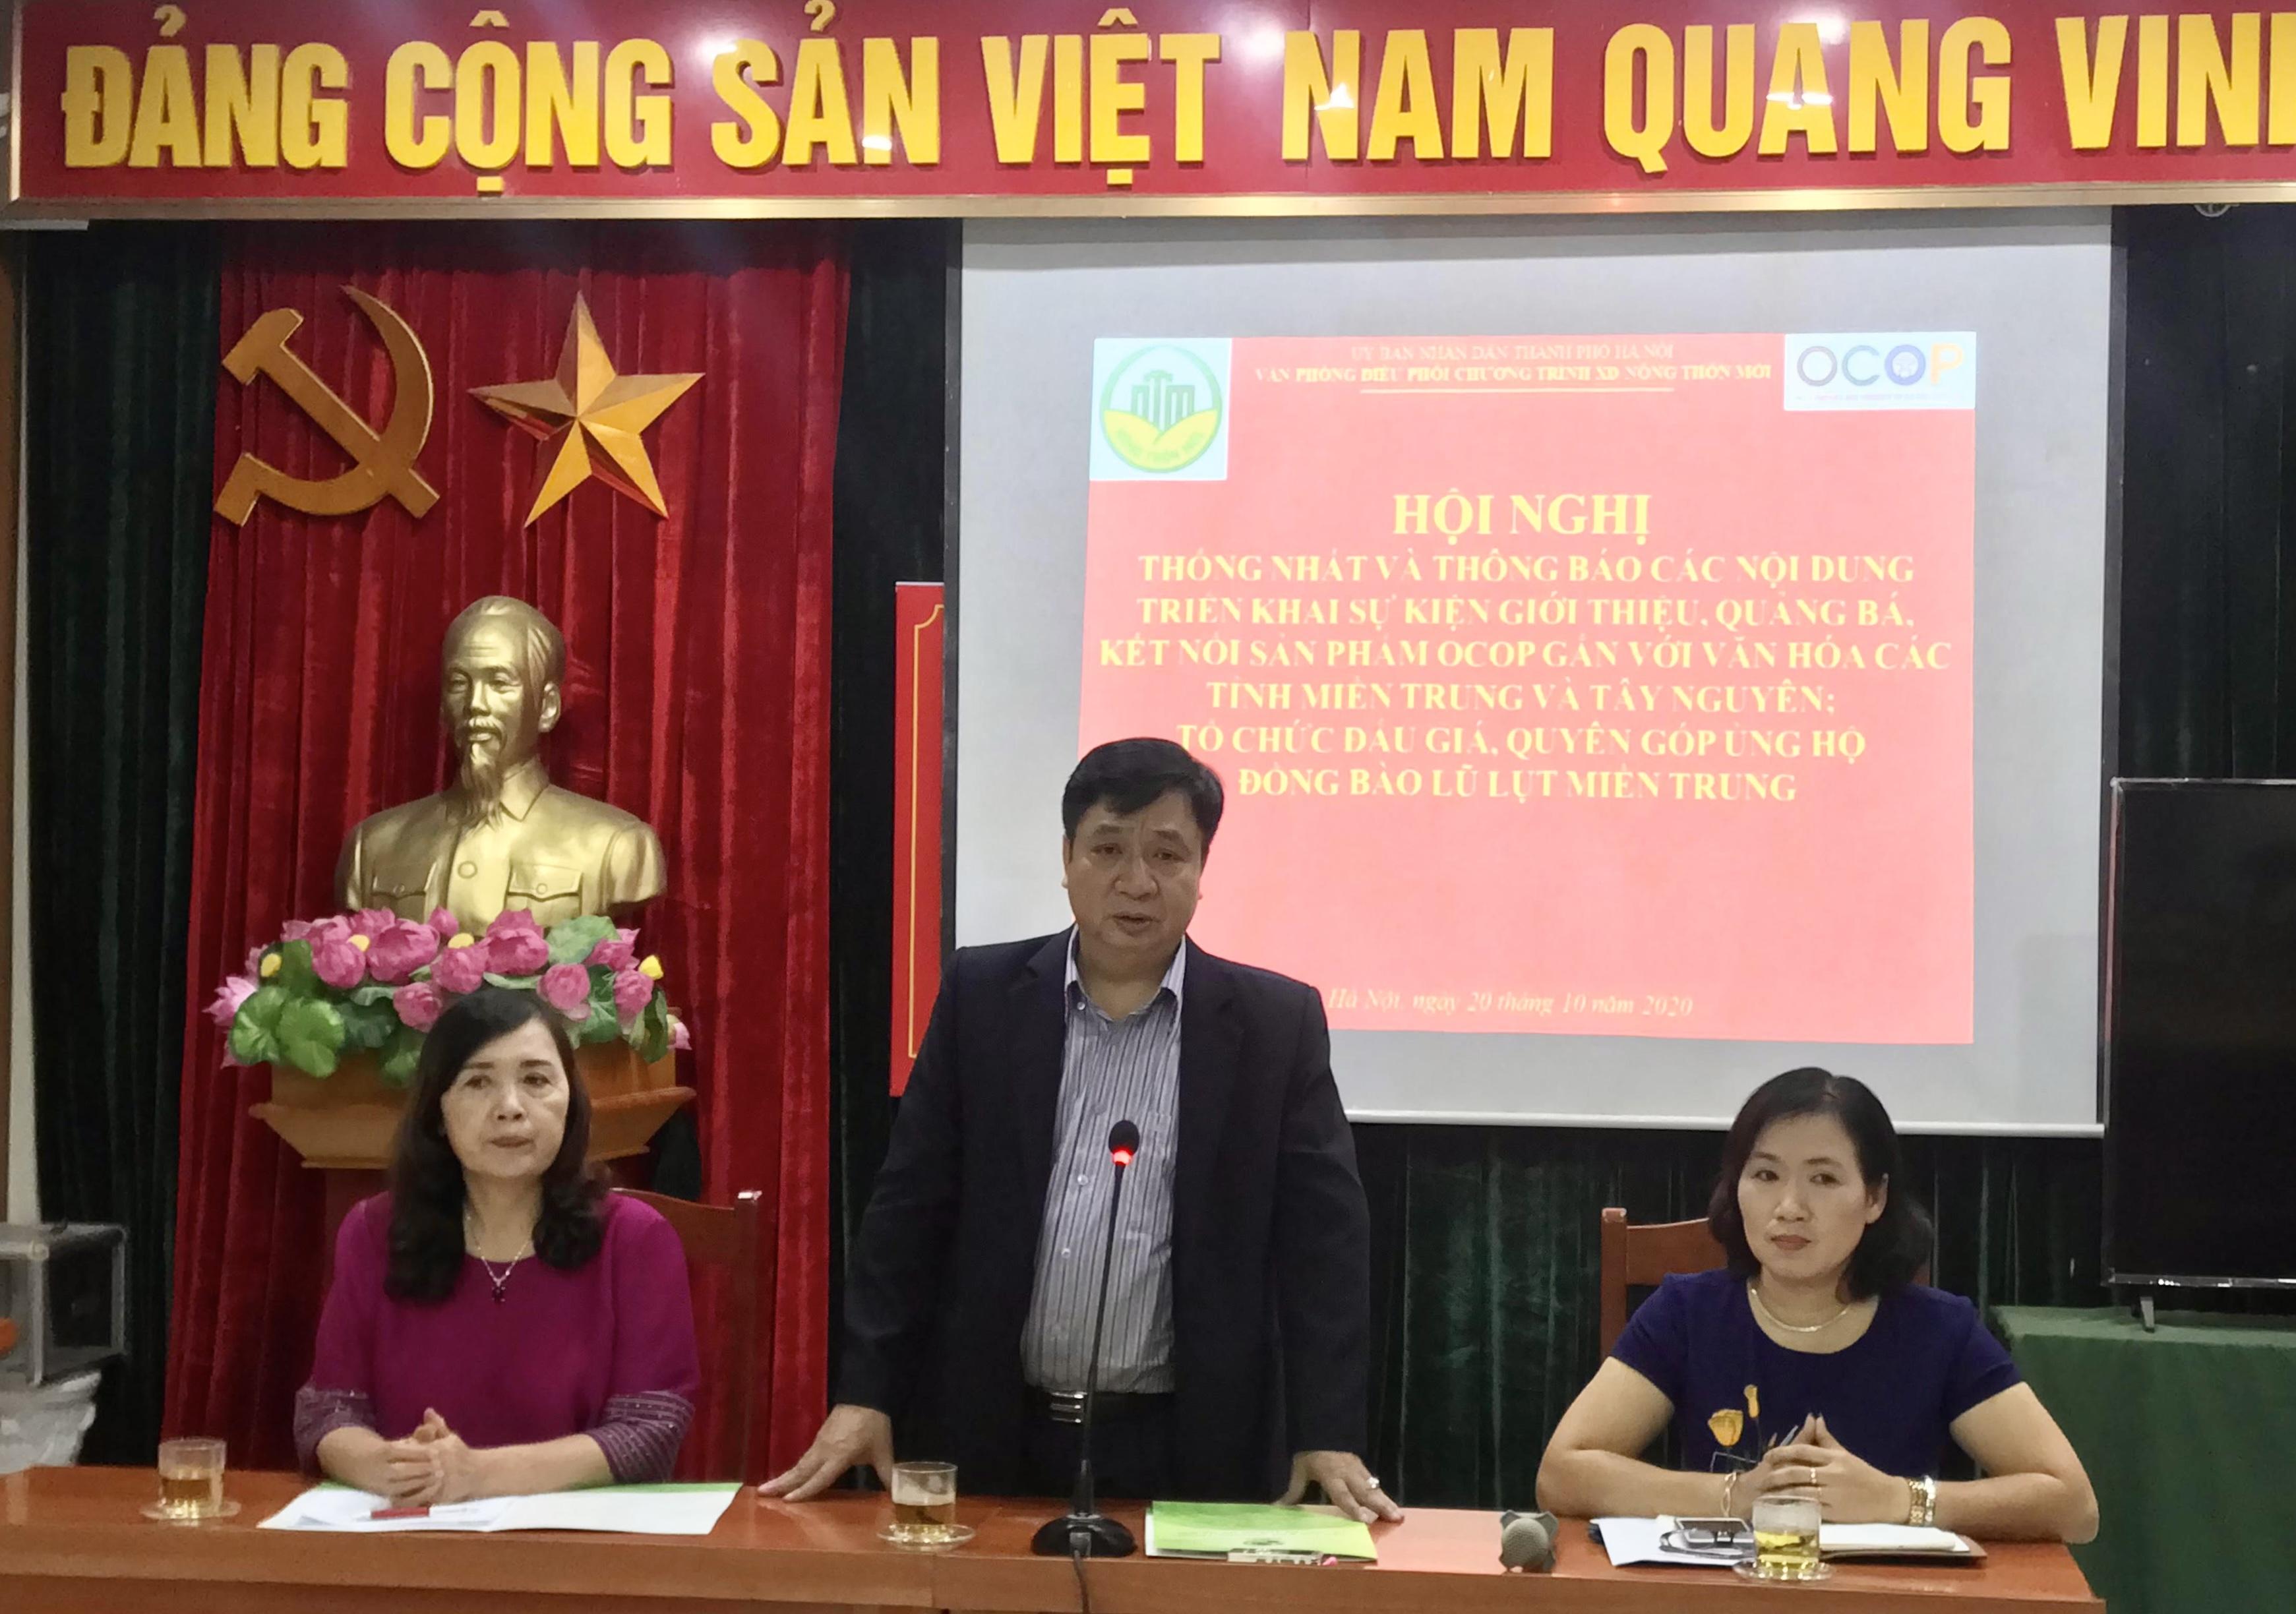 Ông Nguyễn Văn Chí, Phó Chánh Văn phòng Thường trực Văn phòng Điều phối Chương trình NTM thành phố Hà Nội phát biểu tại Hội nghị